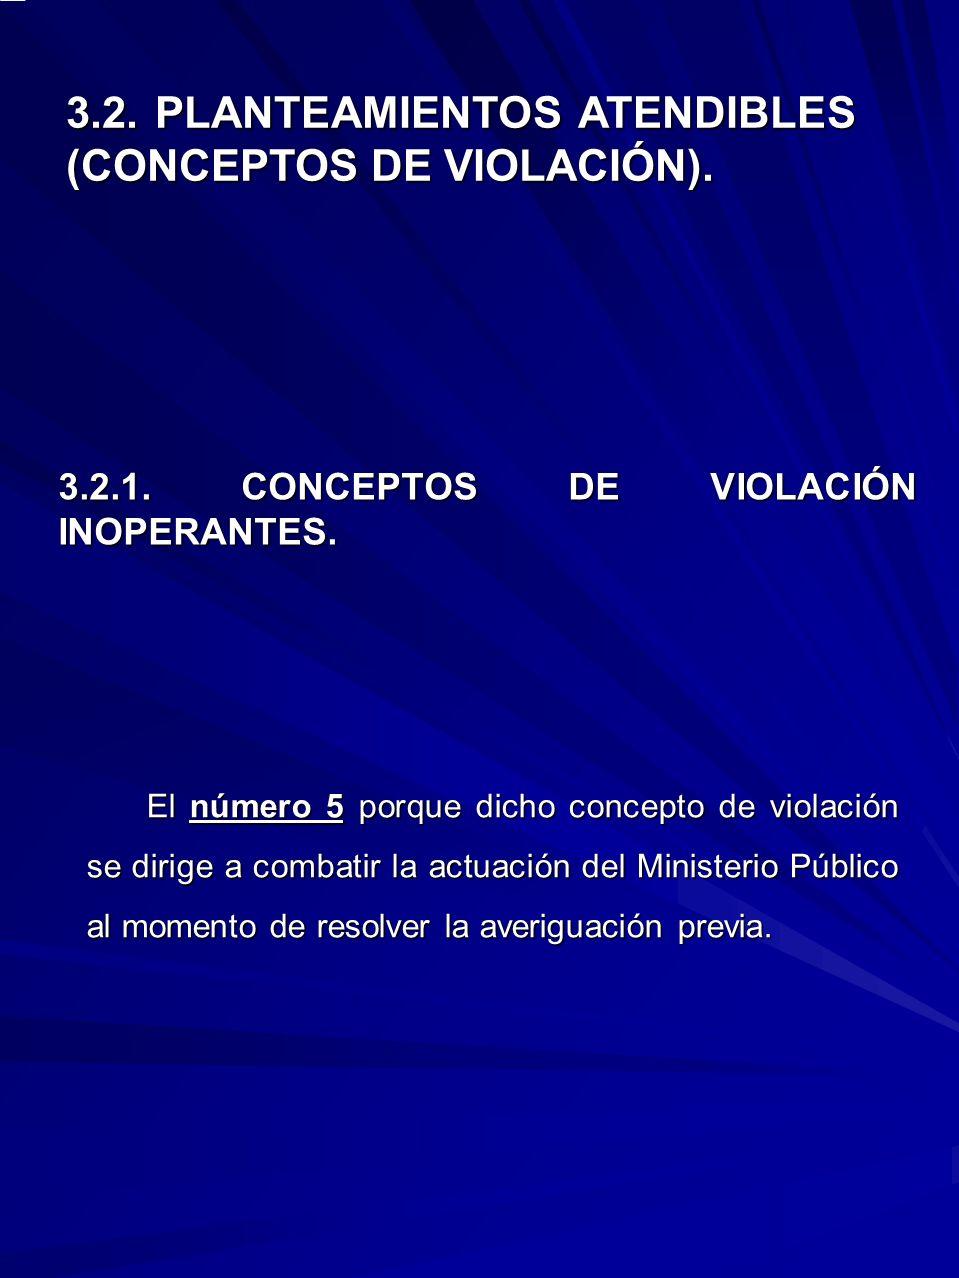 3.2.1. CONCEPTOS DE VIOLACIÓN INOPERANTES.